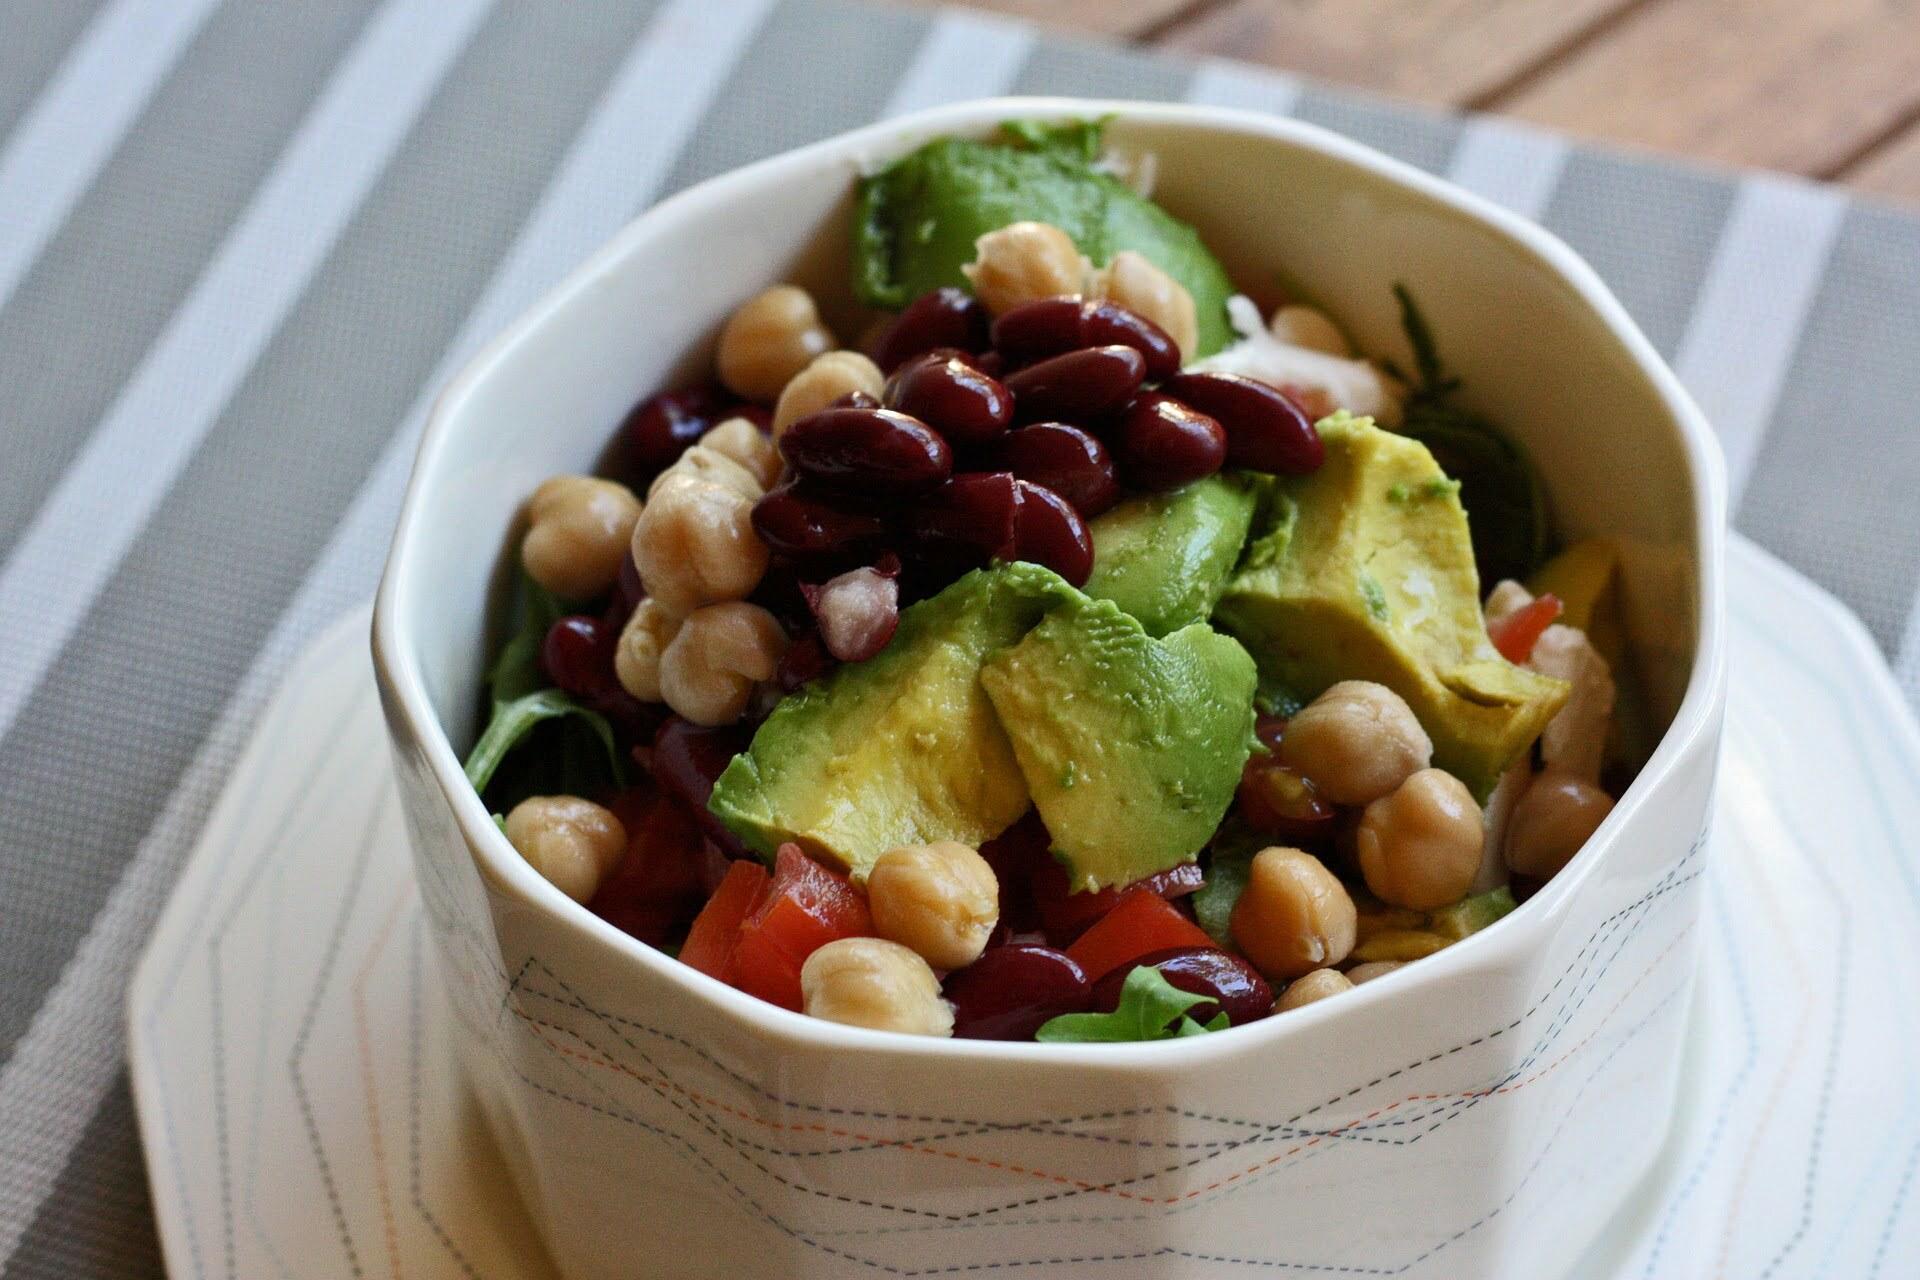 Salat-Bowl mit Kichererbsen, Kidneybohnen und Avocado